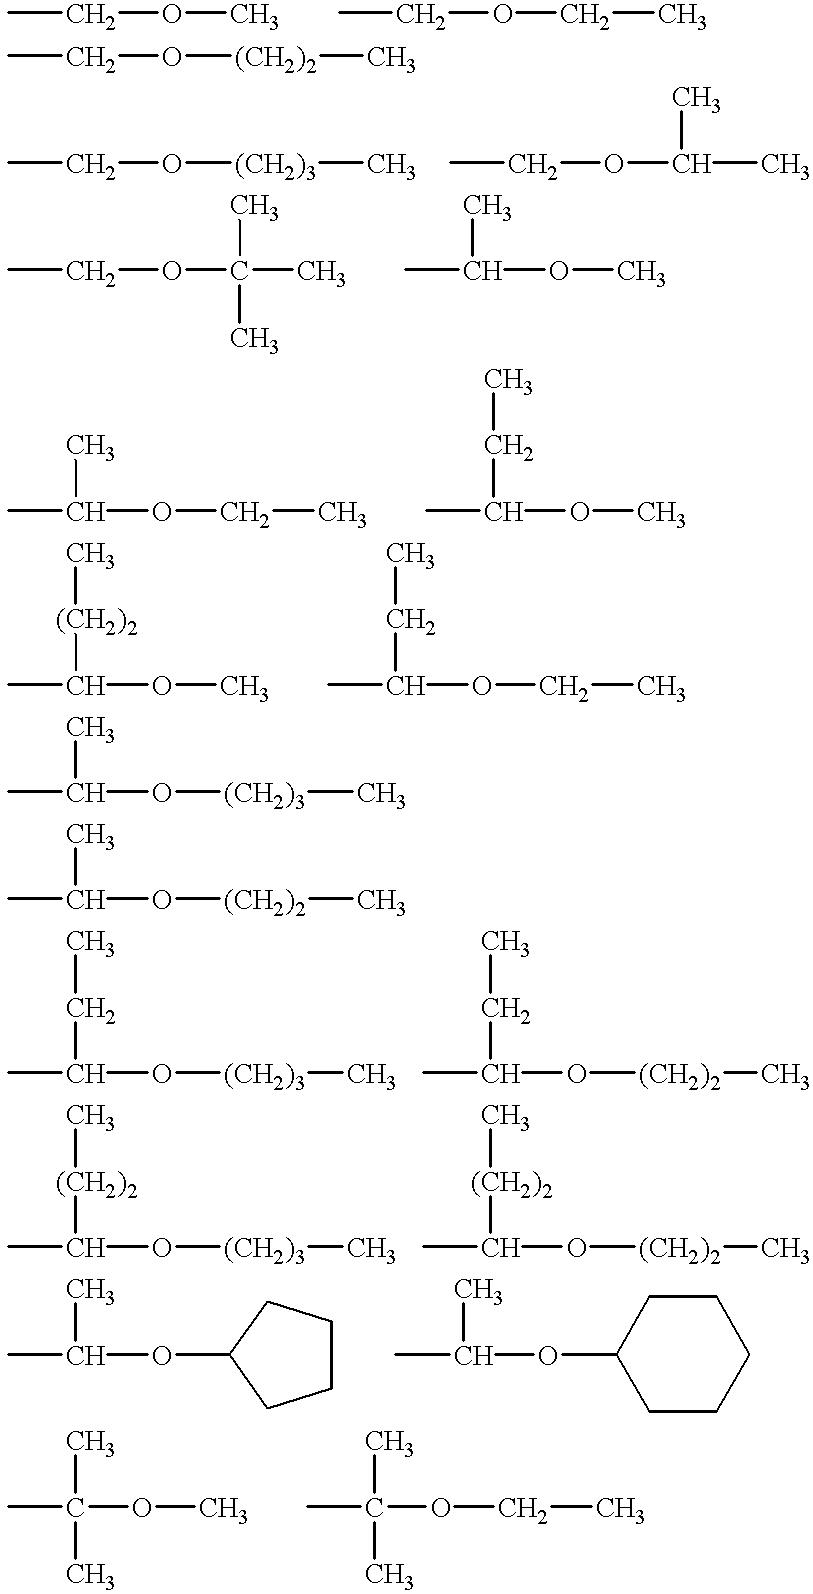 Figure US06623909-20030923-C00008